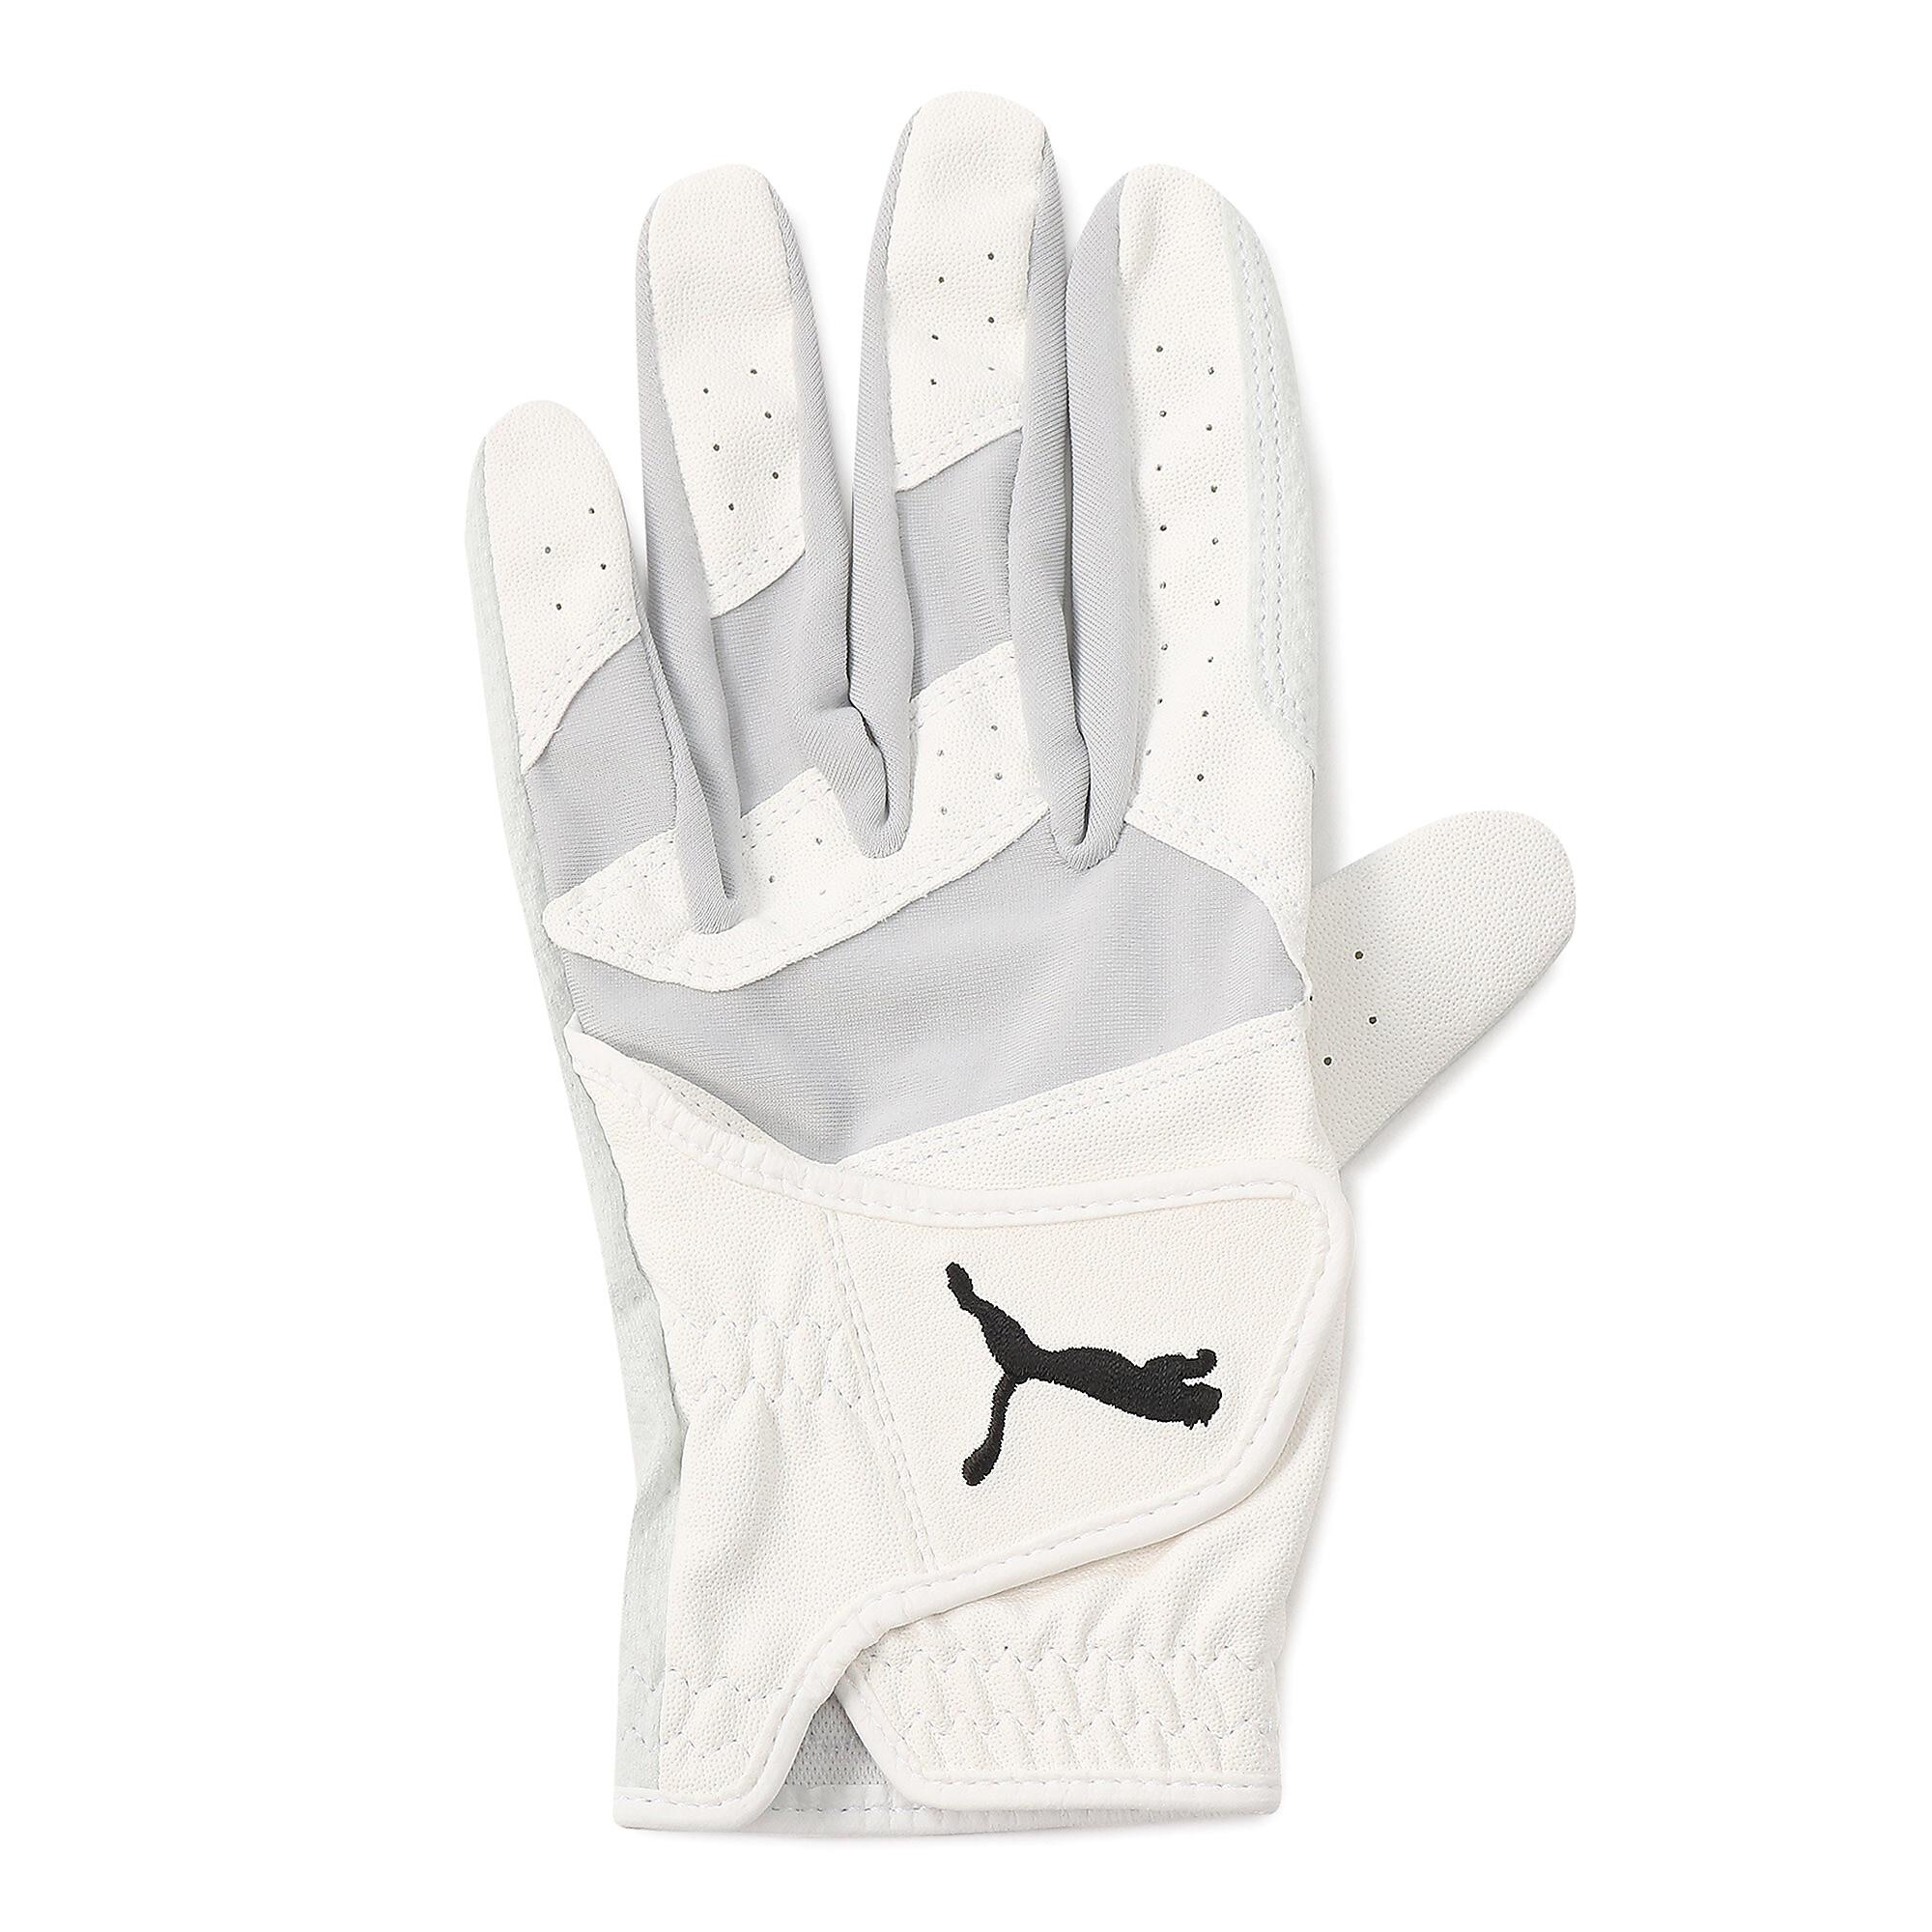 【プーマ公式通販】 プーマ ゴルフ フュージョン グリップ グローブ 左手用 メンズ Bright White-High Rise |PUMA.com